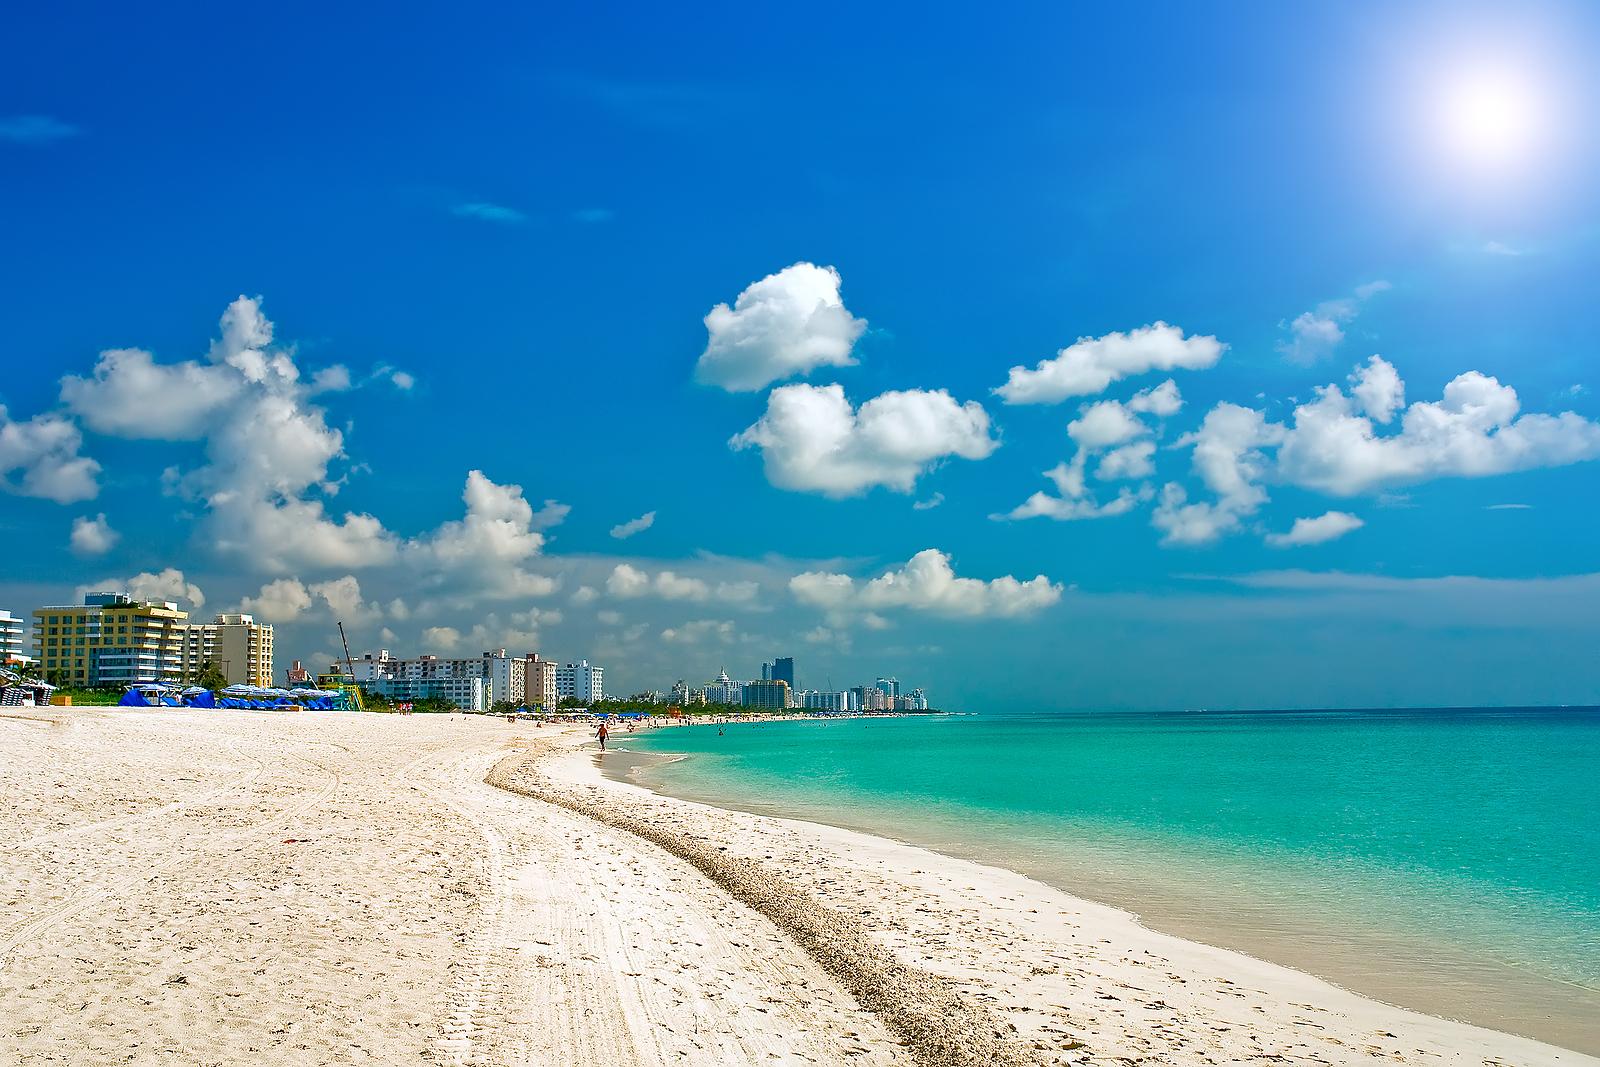 майами фото пляжей